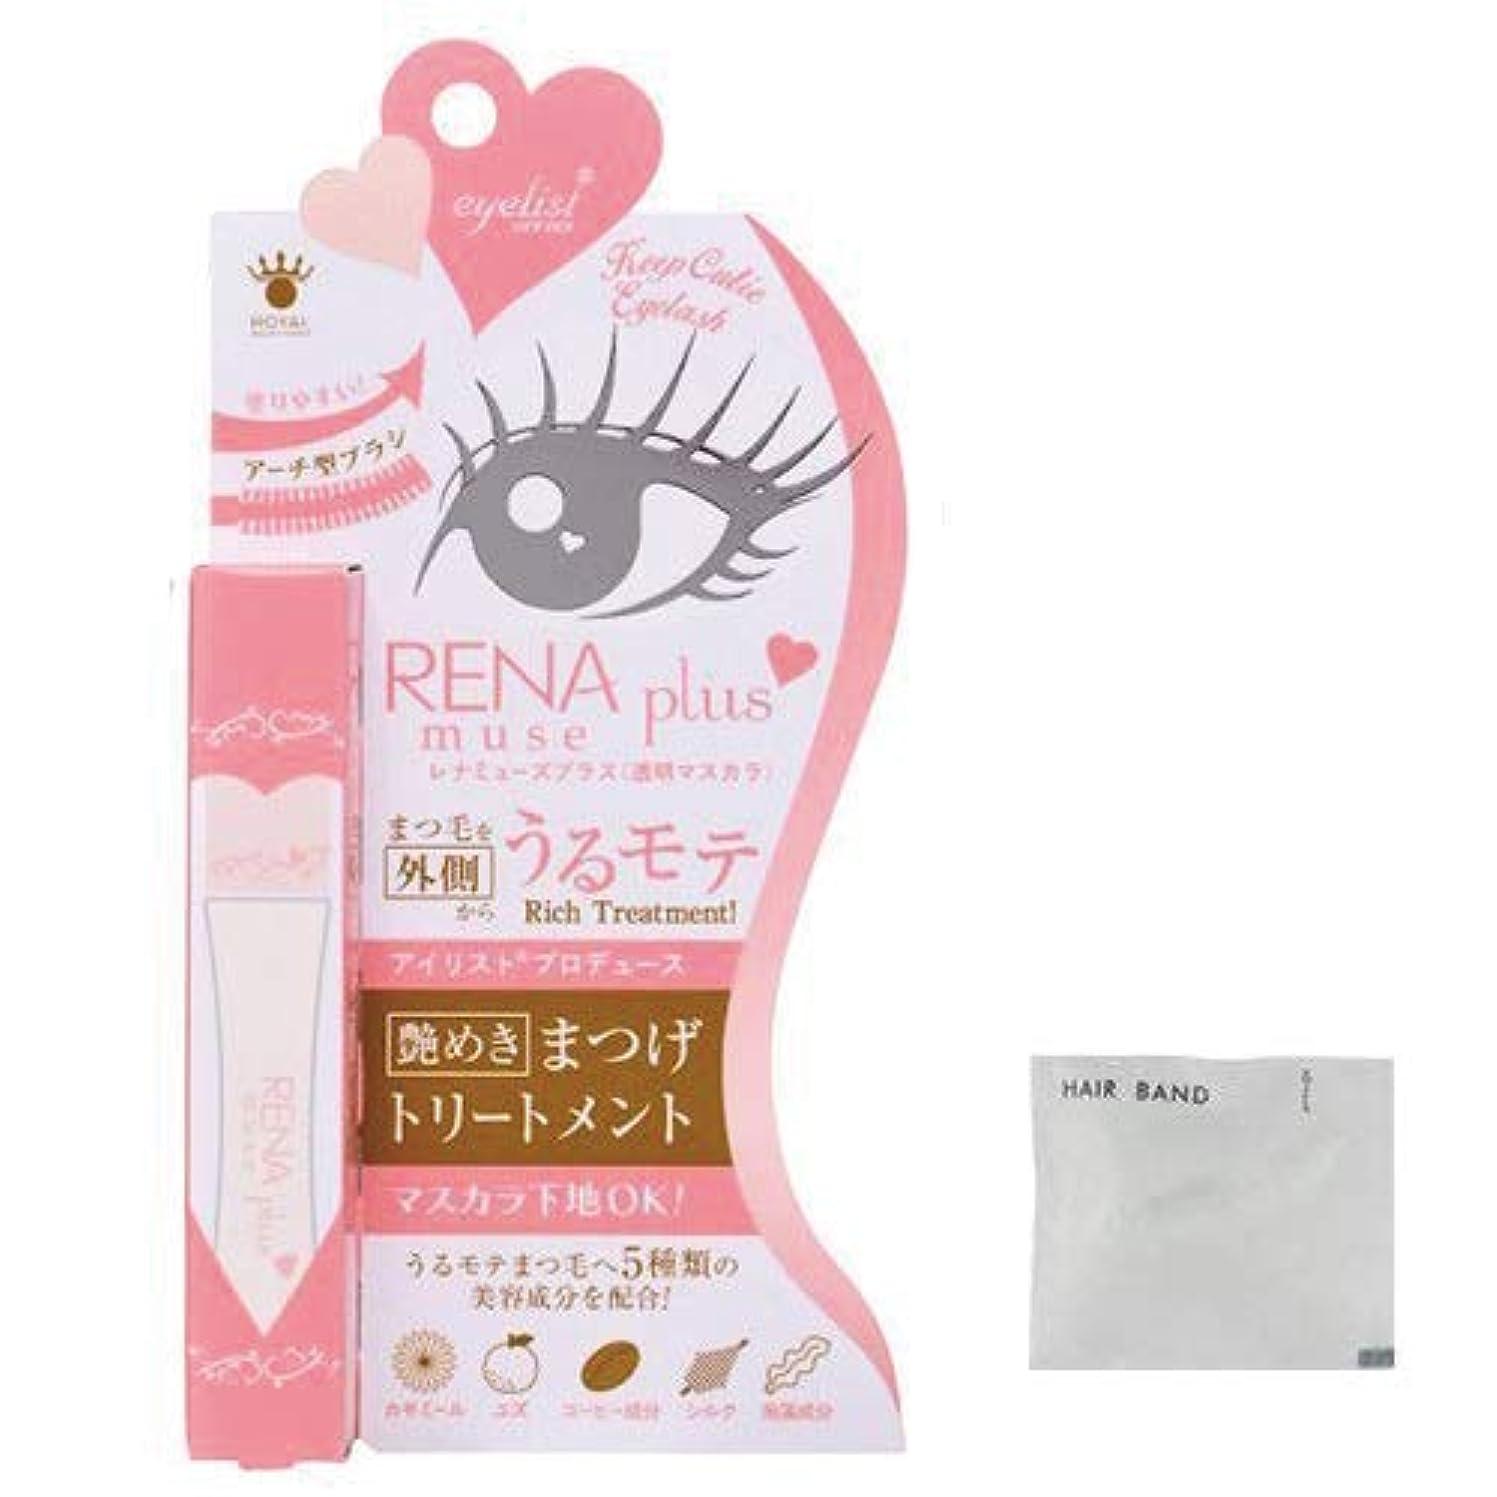 家禽半径罪悪感アイリスト(eyelist) RENA muse plus(レナミューズプラス) 8g + ヘアゴム(カラーはおまかせ)セット